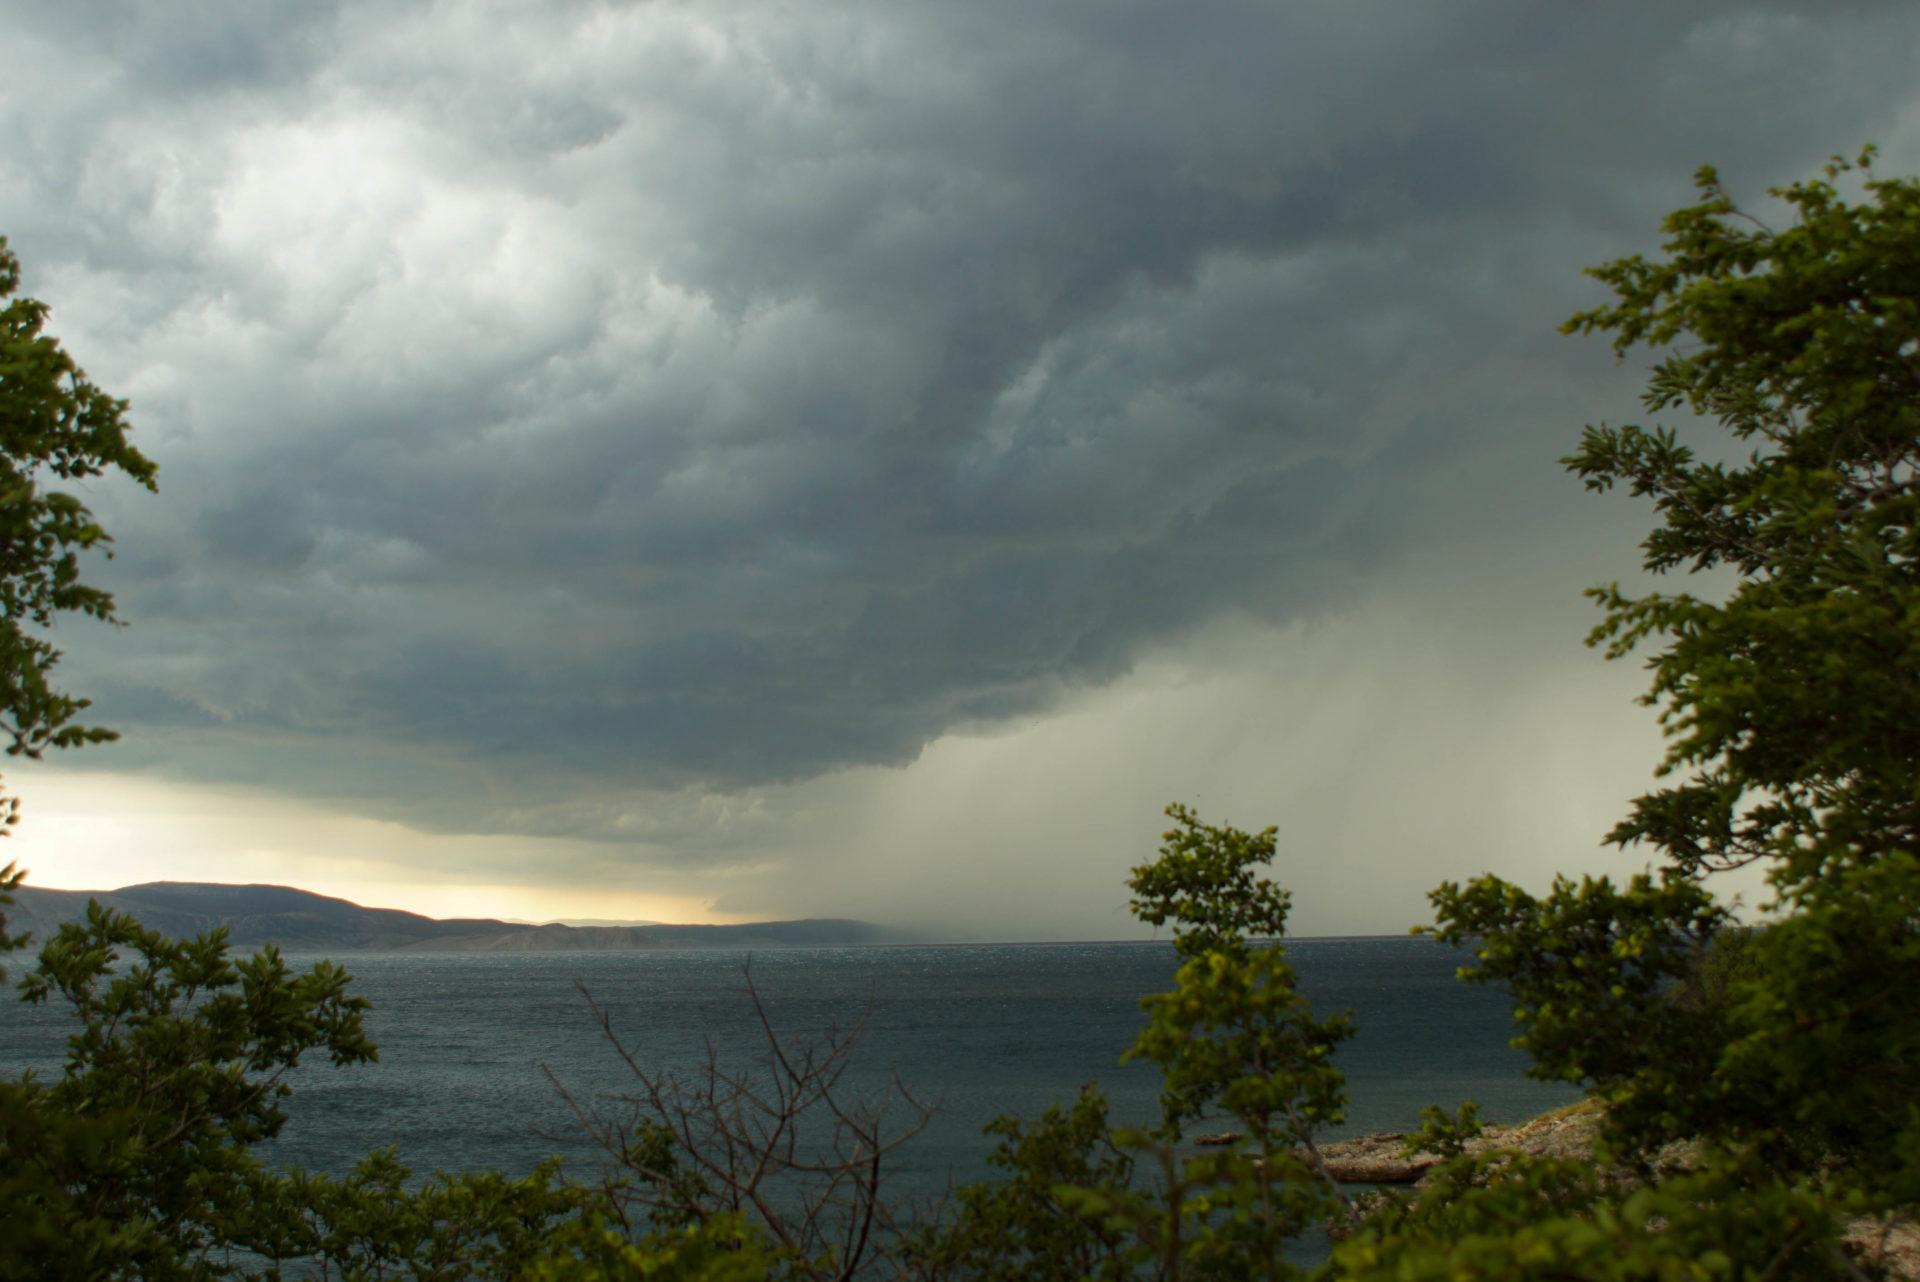 Ein Blick auf die Bucht von Senj. Der Himmel ist mit Sturmwolken verhangen. In der linken Hälfte des Bildes ist die sicht Klar umd es ist die Küste der Insel Krk zu sehen. Die rechte Hälfte wird von einer weißen Sturmwand eingenommen.